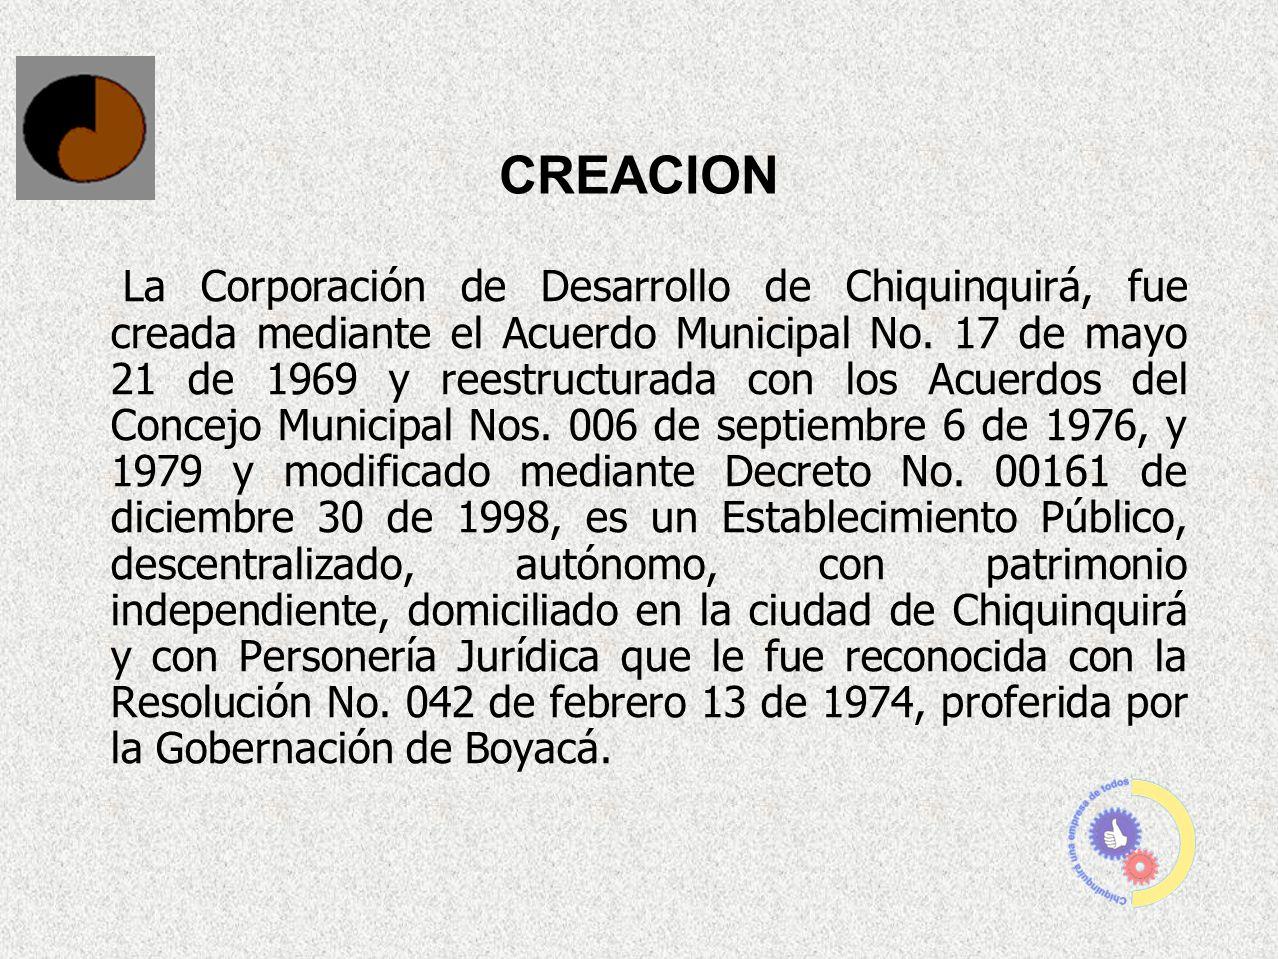 CREACION La Corporación de Desarrollo de Chiquinquirá, fue creada mediante el Acuerdo Municipal No. 17 de mayo 21 de 1969 y reestructurada con los Acu